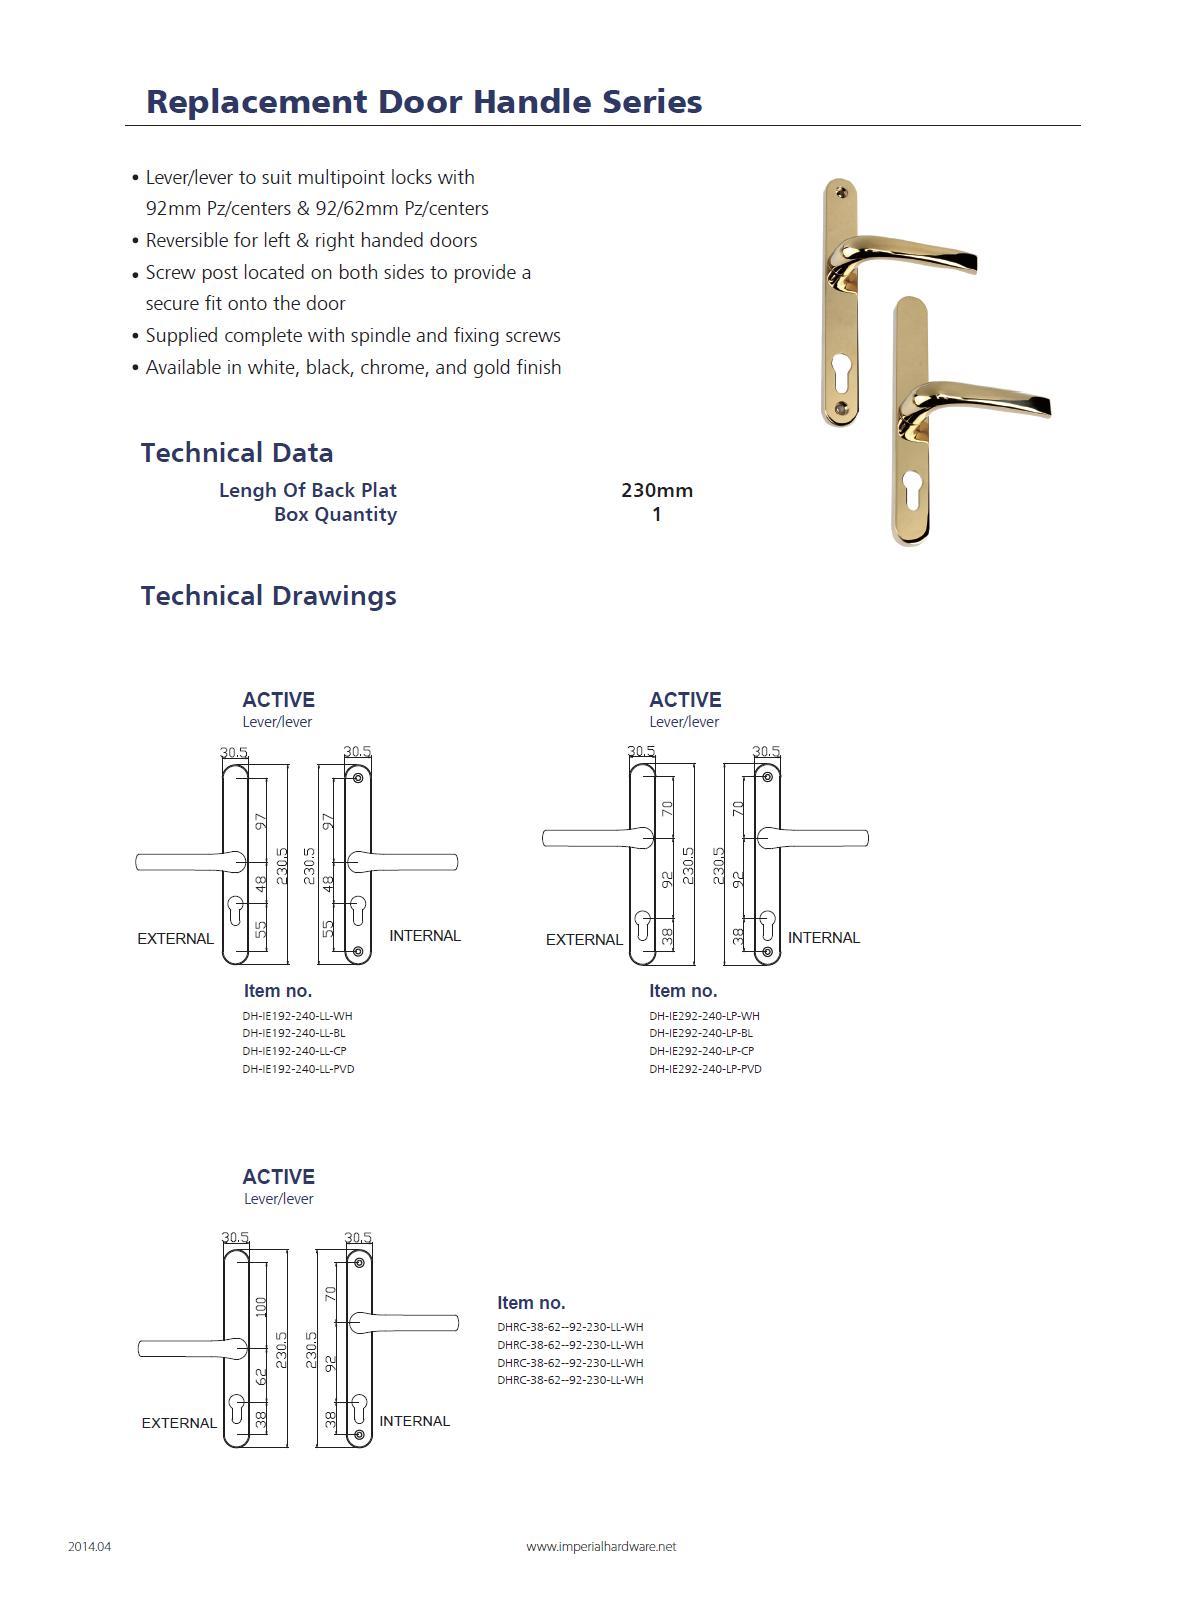 Replacement door handle series_230mm